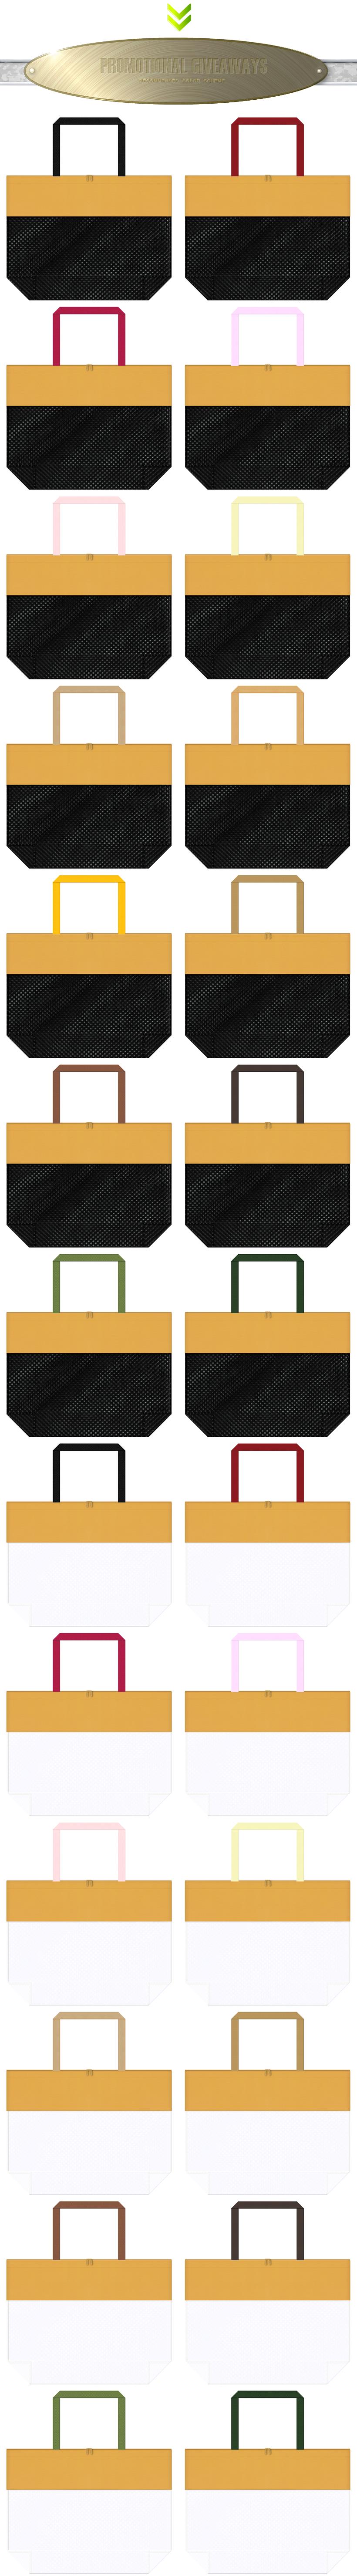 黒色メッシュ・白色メッシュと黄土色の不織布をメインに使用した、台形型のメッシュバッグのカラーシミュレーション